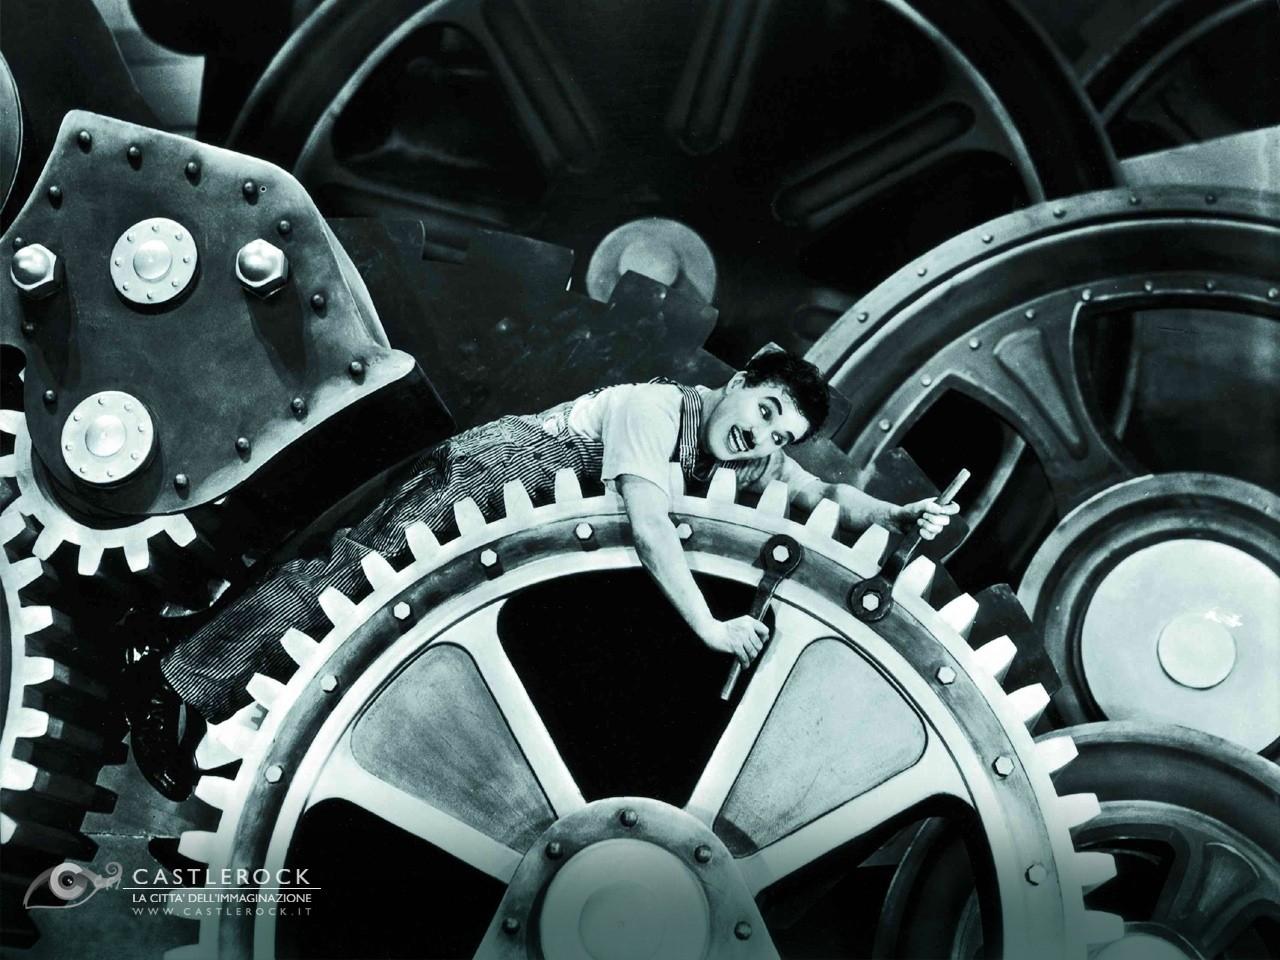 http://3.bp.blogspot.com/_rd0In_QdfQ8/TRIecCv-_hI/AAAAAAAACgw/1kZddX-YNYA/s1600/wallpaper-del-film-tempi-moderni-62254.jpg